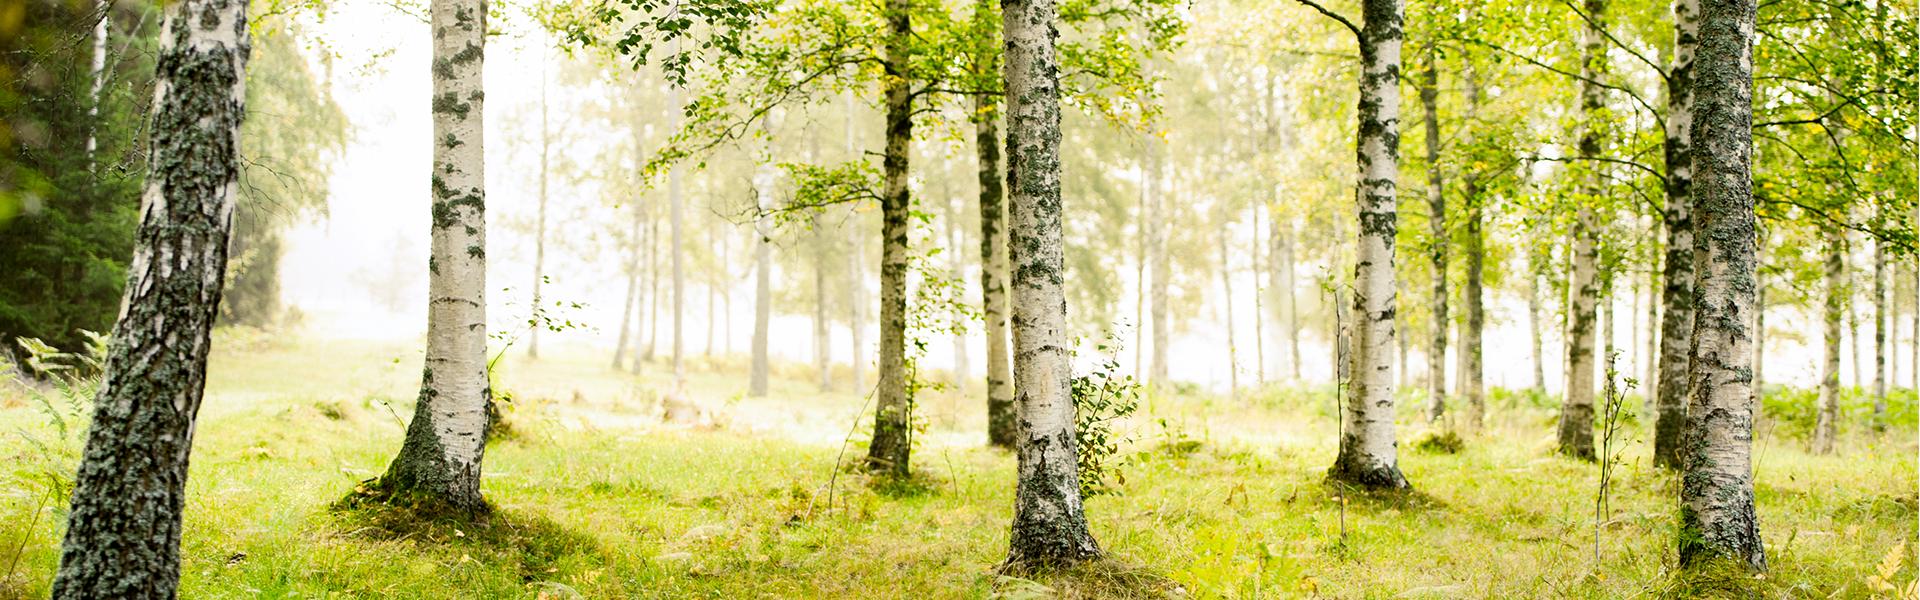 Co musisz wiedzieć o objawach alergii brzozowej?